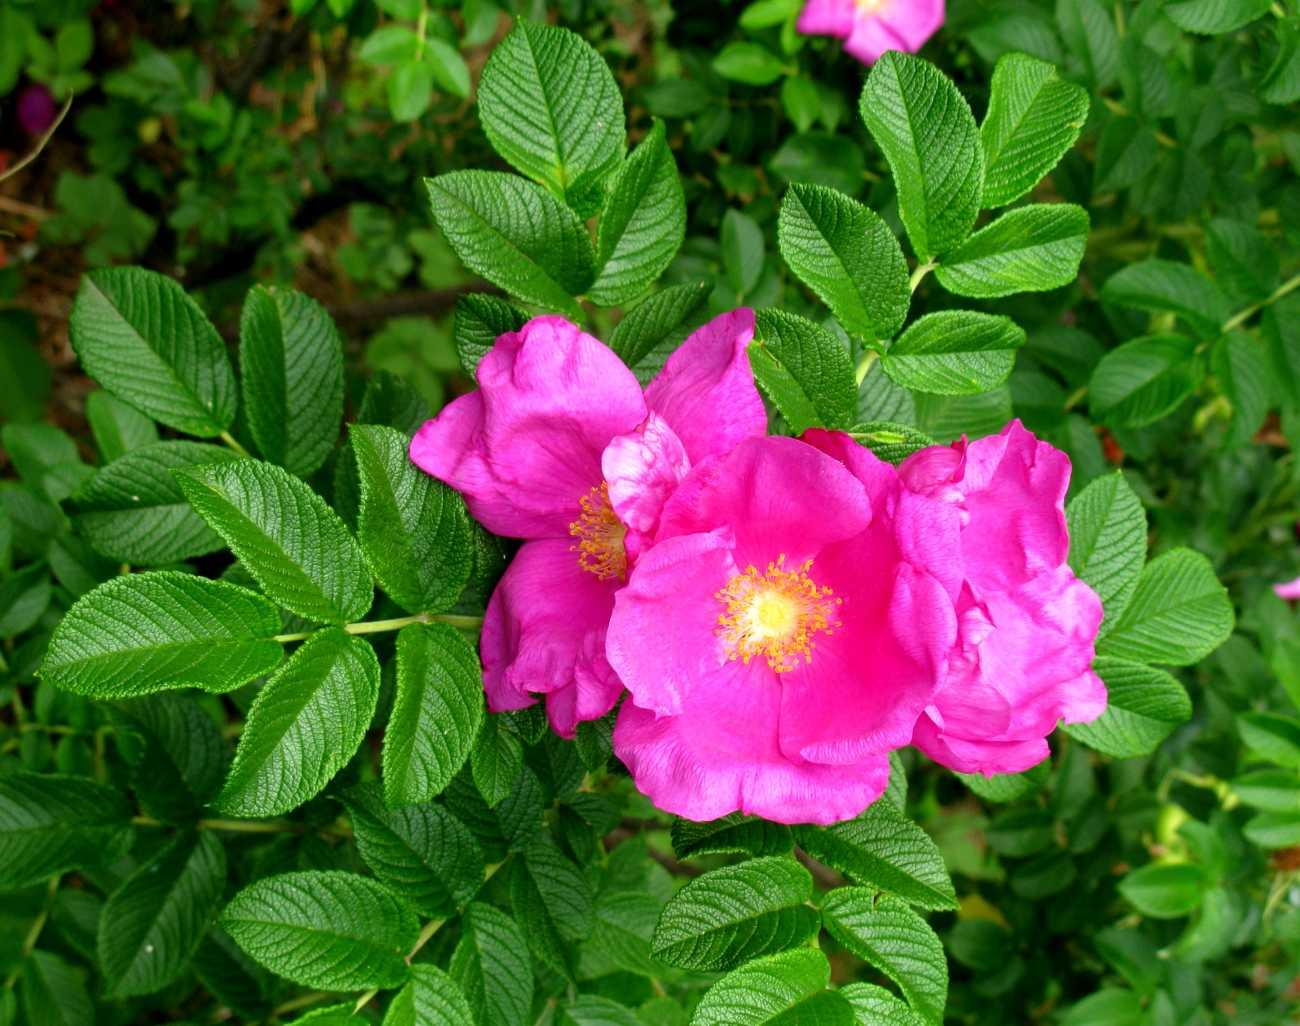 roża pomarszczona - wieloletni krzew ozdobny o różowych kwiatach